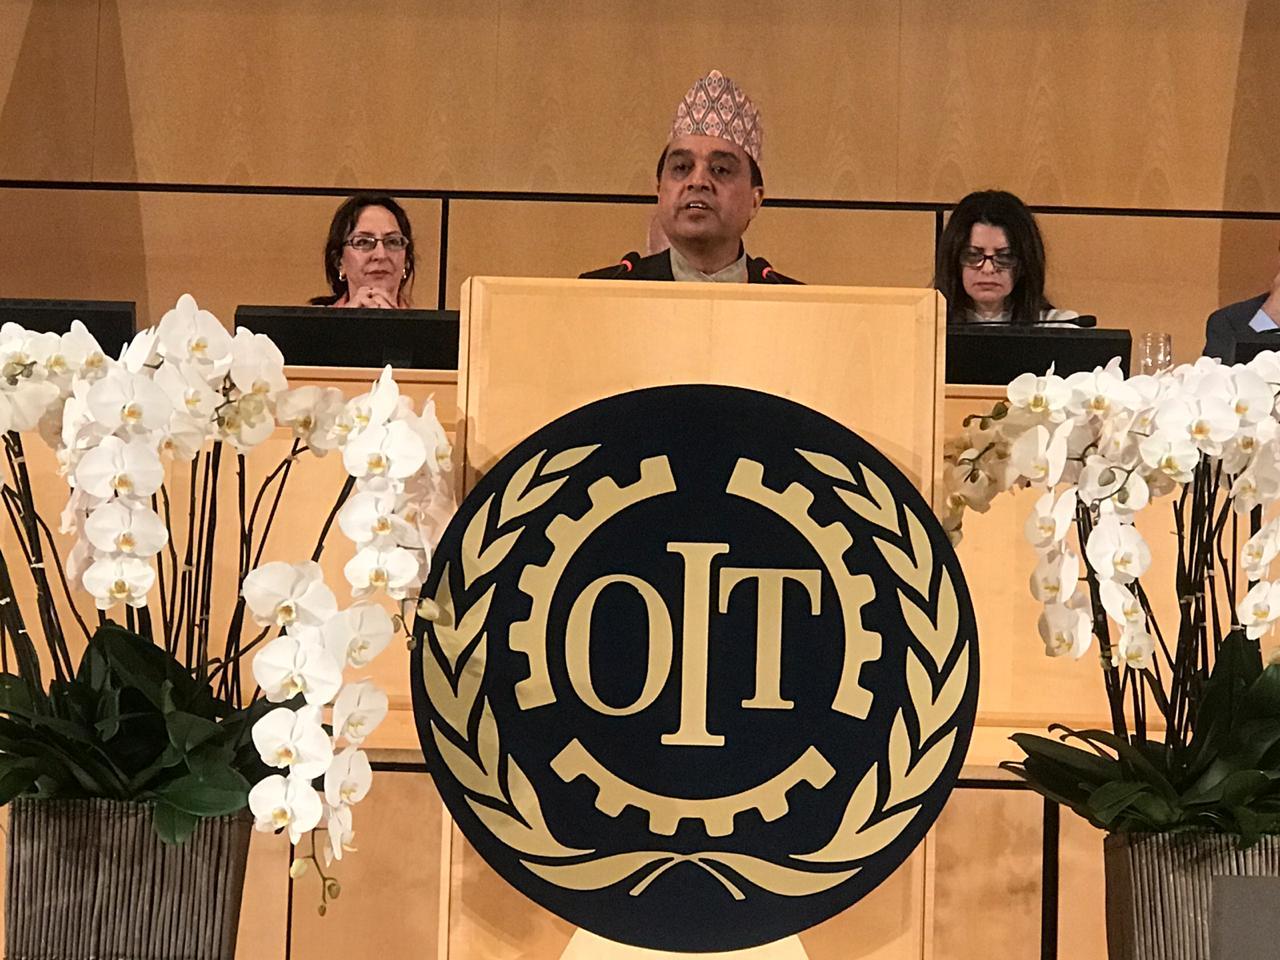 महासंघको रोजगारदाता परिषद्का सभापति ढकालद्वारा  आइएलओको १०८ औं सम्मेलनमा संबोधन